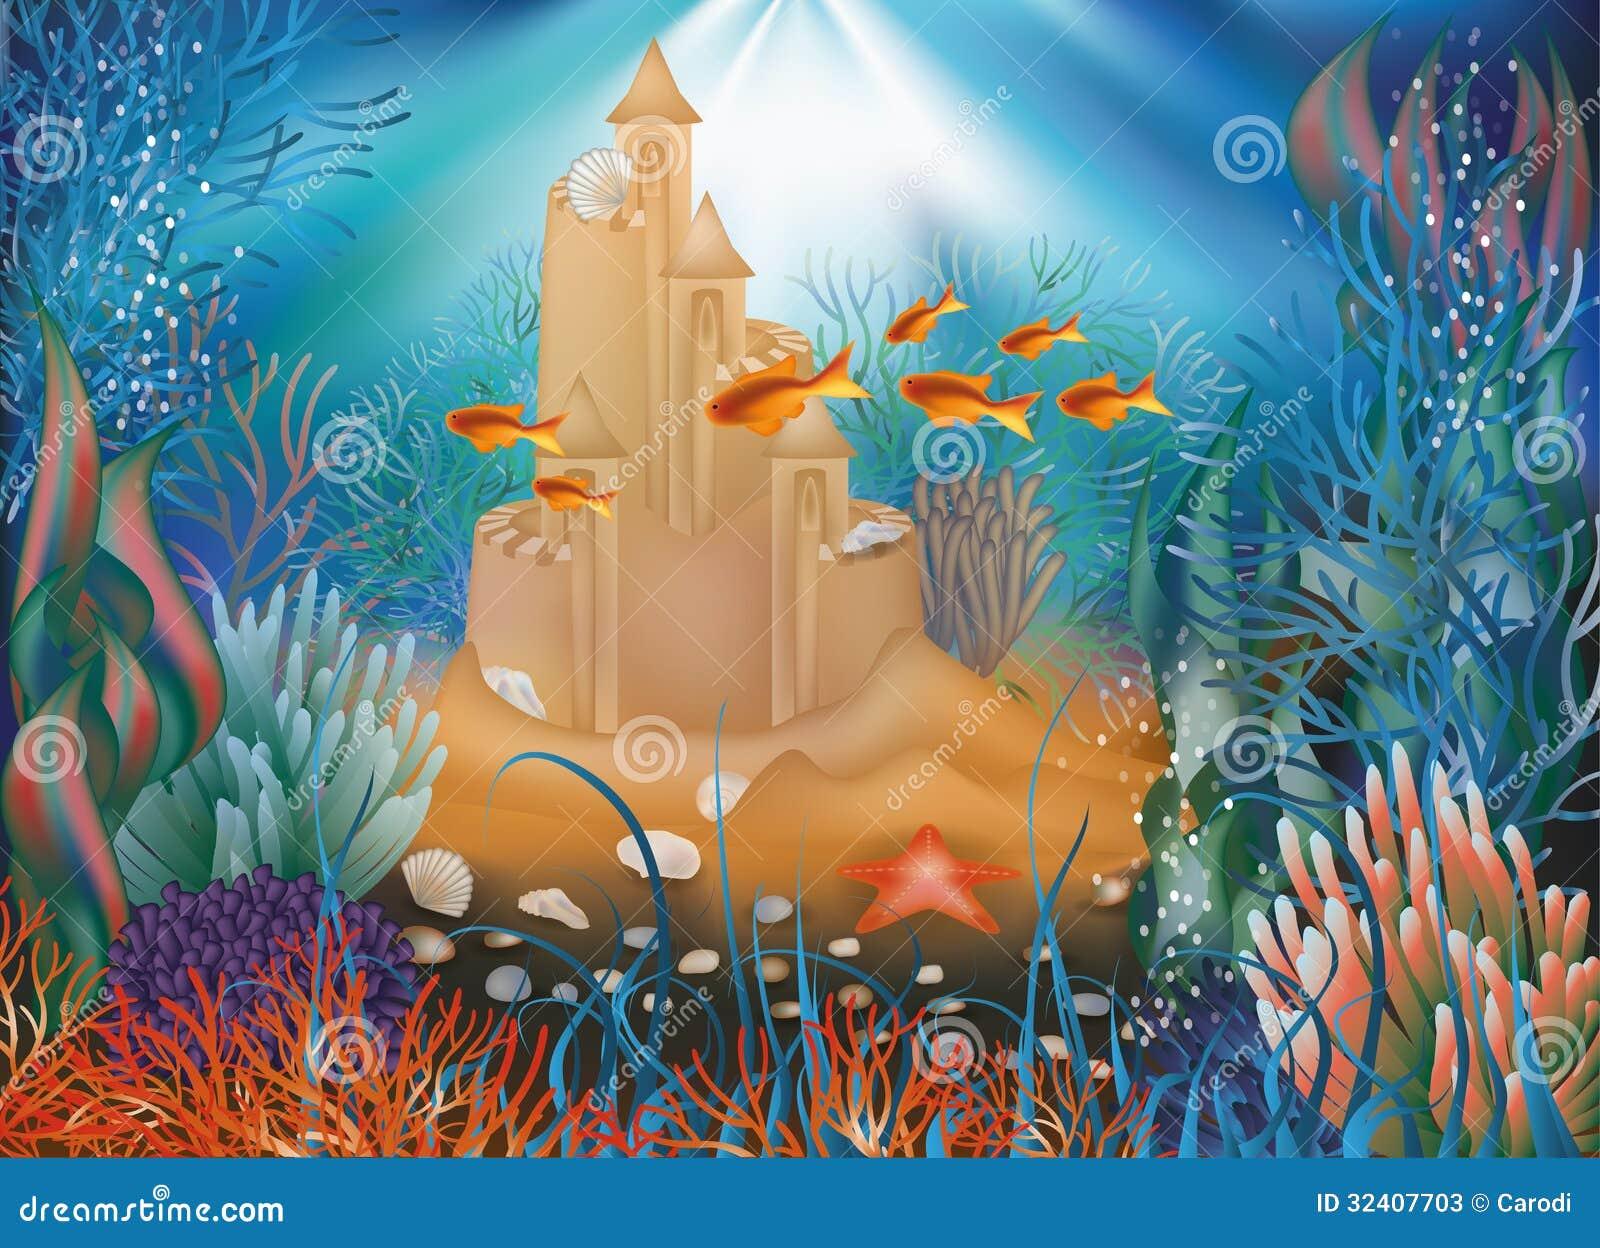 Underwater World Wallpaper With Sandcastle Stock Vector ...